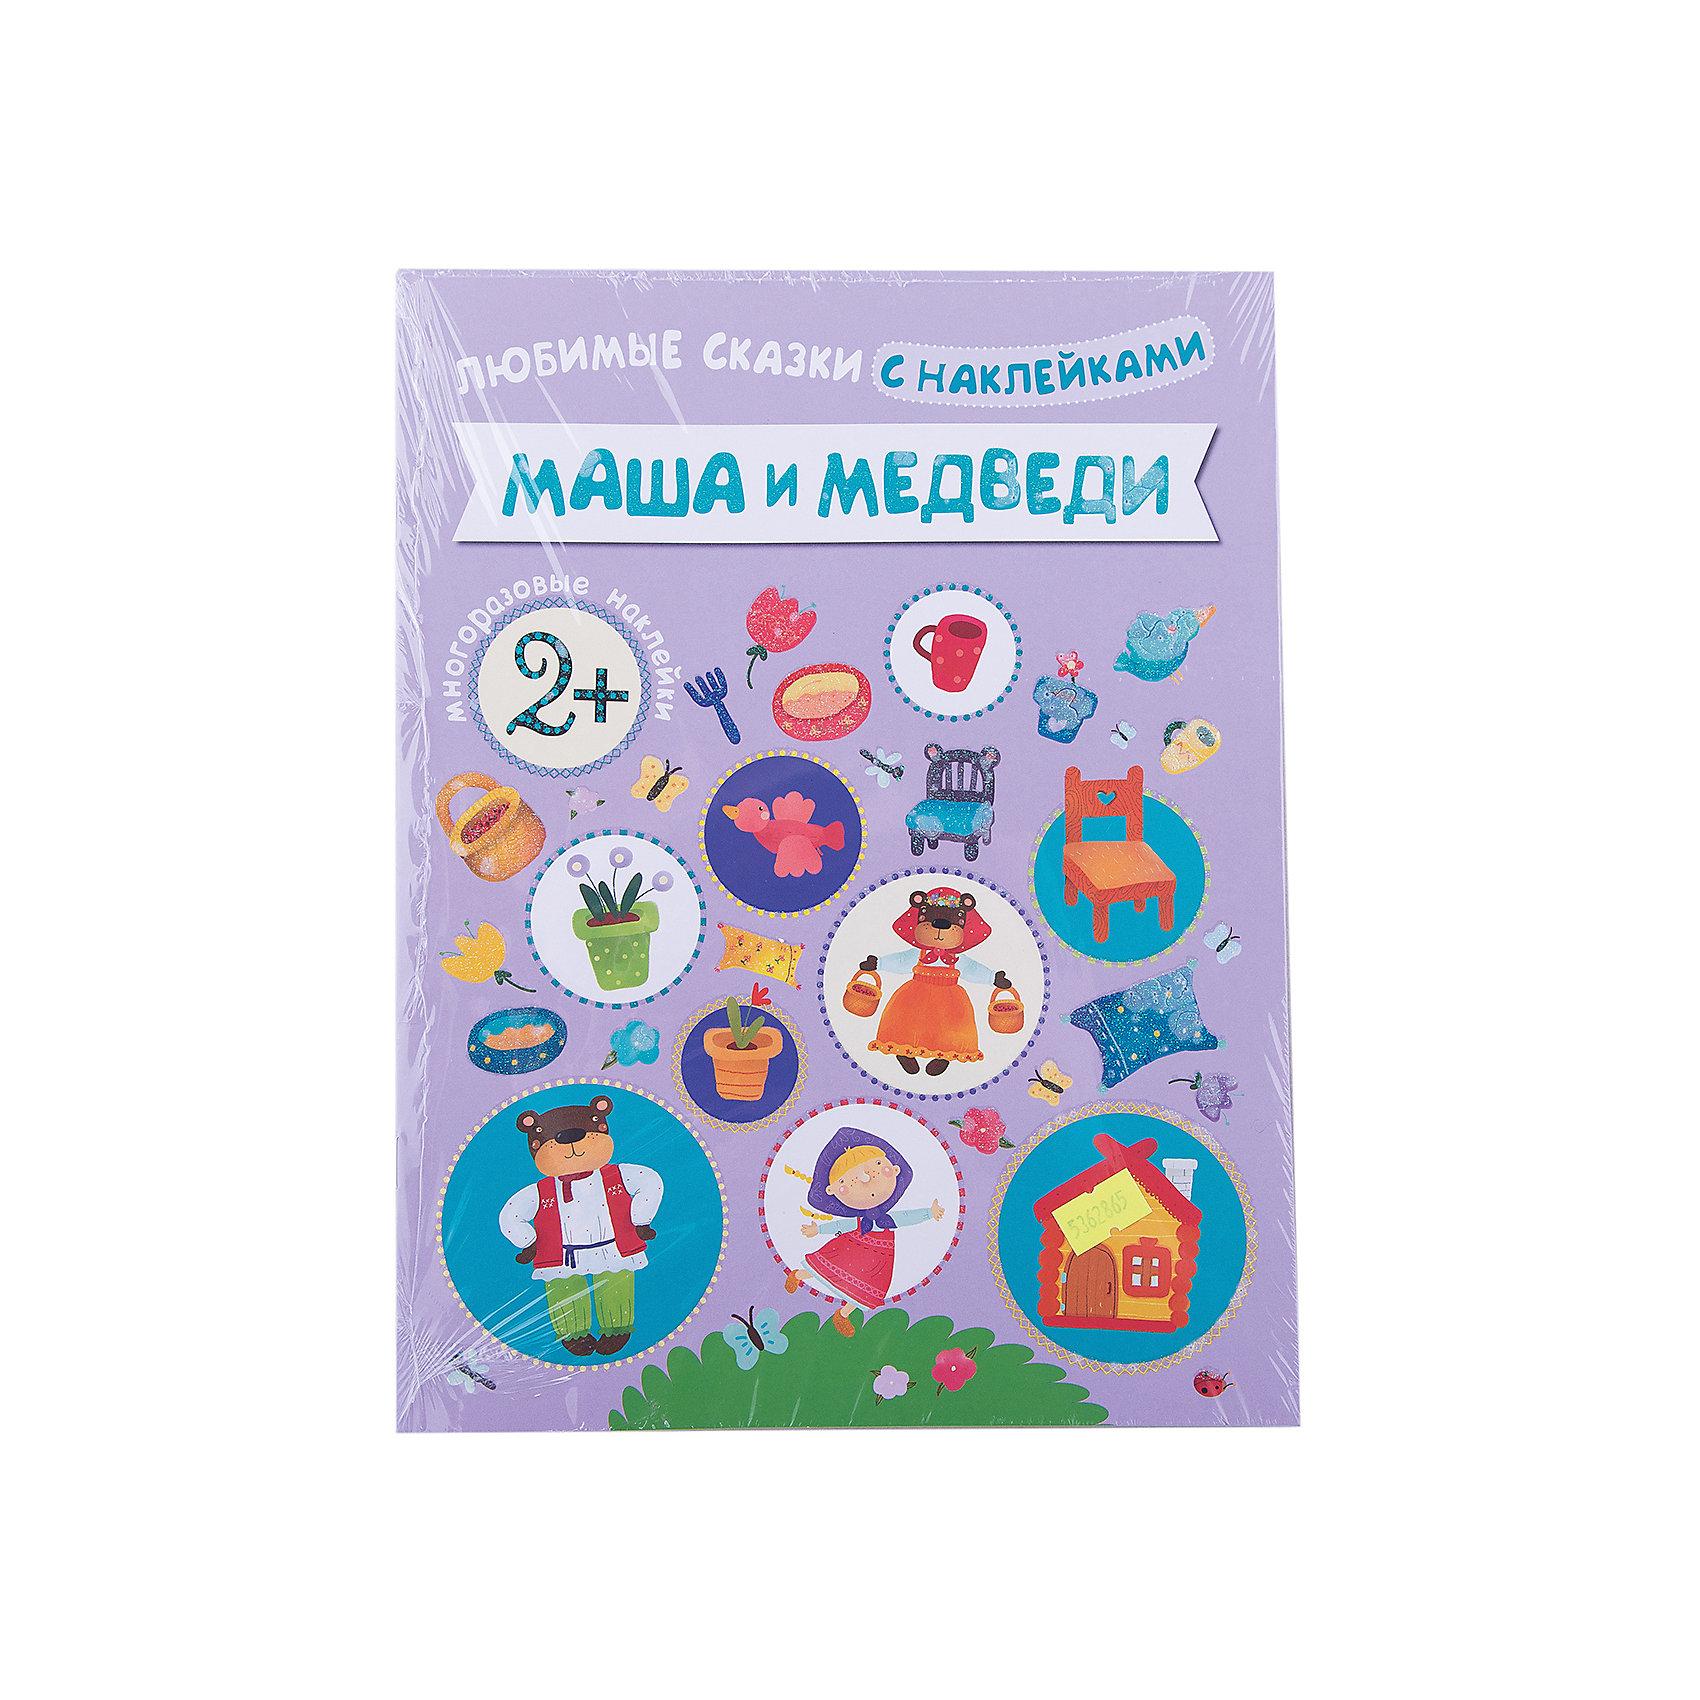 Маша и медведи, Любимые сказки с наклейкамиХарактеристики книги Маша и медведи:<br><br>• возраст: от 2 лет<br>• пол: для мальчиков и девочек<br>• материал: бумага<br>• количество страниц:8<br>• размеры: 28x21.5 см.<br>• иллюстрации: цветные<br>• тип обложки: мягкая.<br>• бренд: издательство Мозаика-Синтез<br>• страна обладатель бренда: Россия.<br>• страна изготовитель: Россия<br><br>Книга Любимые сказки с наклейками - это сказка, про девочку Машу, которая, гуляя по лесу, забрела в домик семейства медведей, и комплект многоразовых наклеек. Вы, конечно, знаете старую историю о девочке, которая не слишком вежливо повела себя в гостях. <br><br>Читая вслух о приключениях Маши, вы сможете объяснить ребенку, почему рассердились медведи, задать ему вопросы типа Почему у папы большая тарелка, а у медвежонка - маленькая?. Одновременно с этим можно поиграть: пусть малыш самостоятельно, разместит наклейки на страничках книги. <br><br>Книгу Маша и медведи от издательства Мозаика-Синтез можно купить в нашем интернет-магазине.<br><br>Ширина мм: 1<br>Глубина мм: 215<br>Высота мм: 281<br>Вес г: 80<br>Возраст от месяцев: 24<br>Возраст до месяцев: 60<br>Пол: Унисекс<br>Возраст: Детский<br>SKU: 5362865